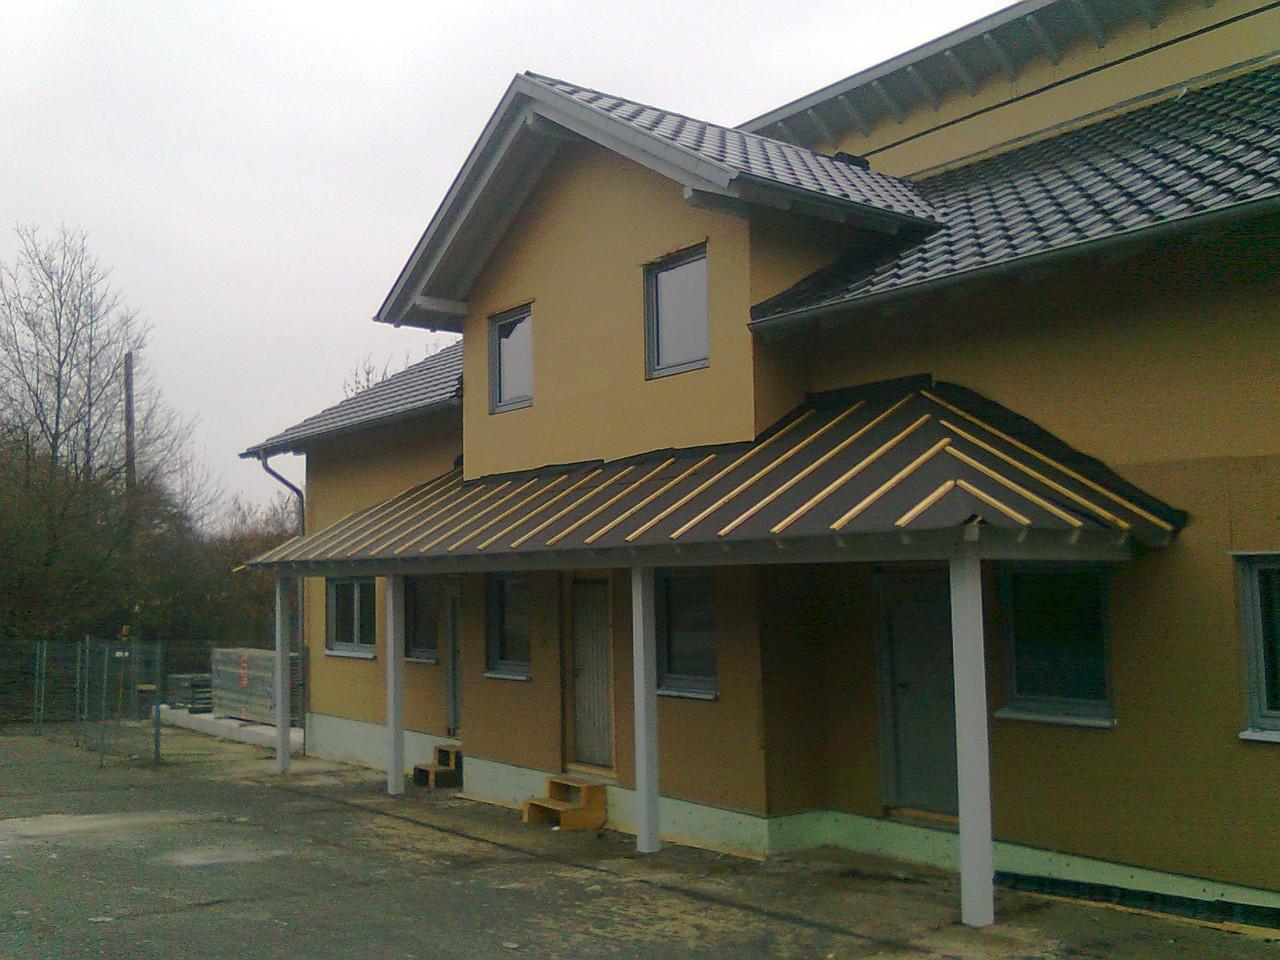 Neubau Hauptgebäude Holzbau Bernads (Holzrahmenbau)